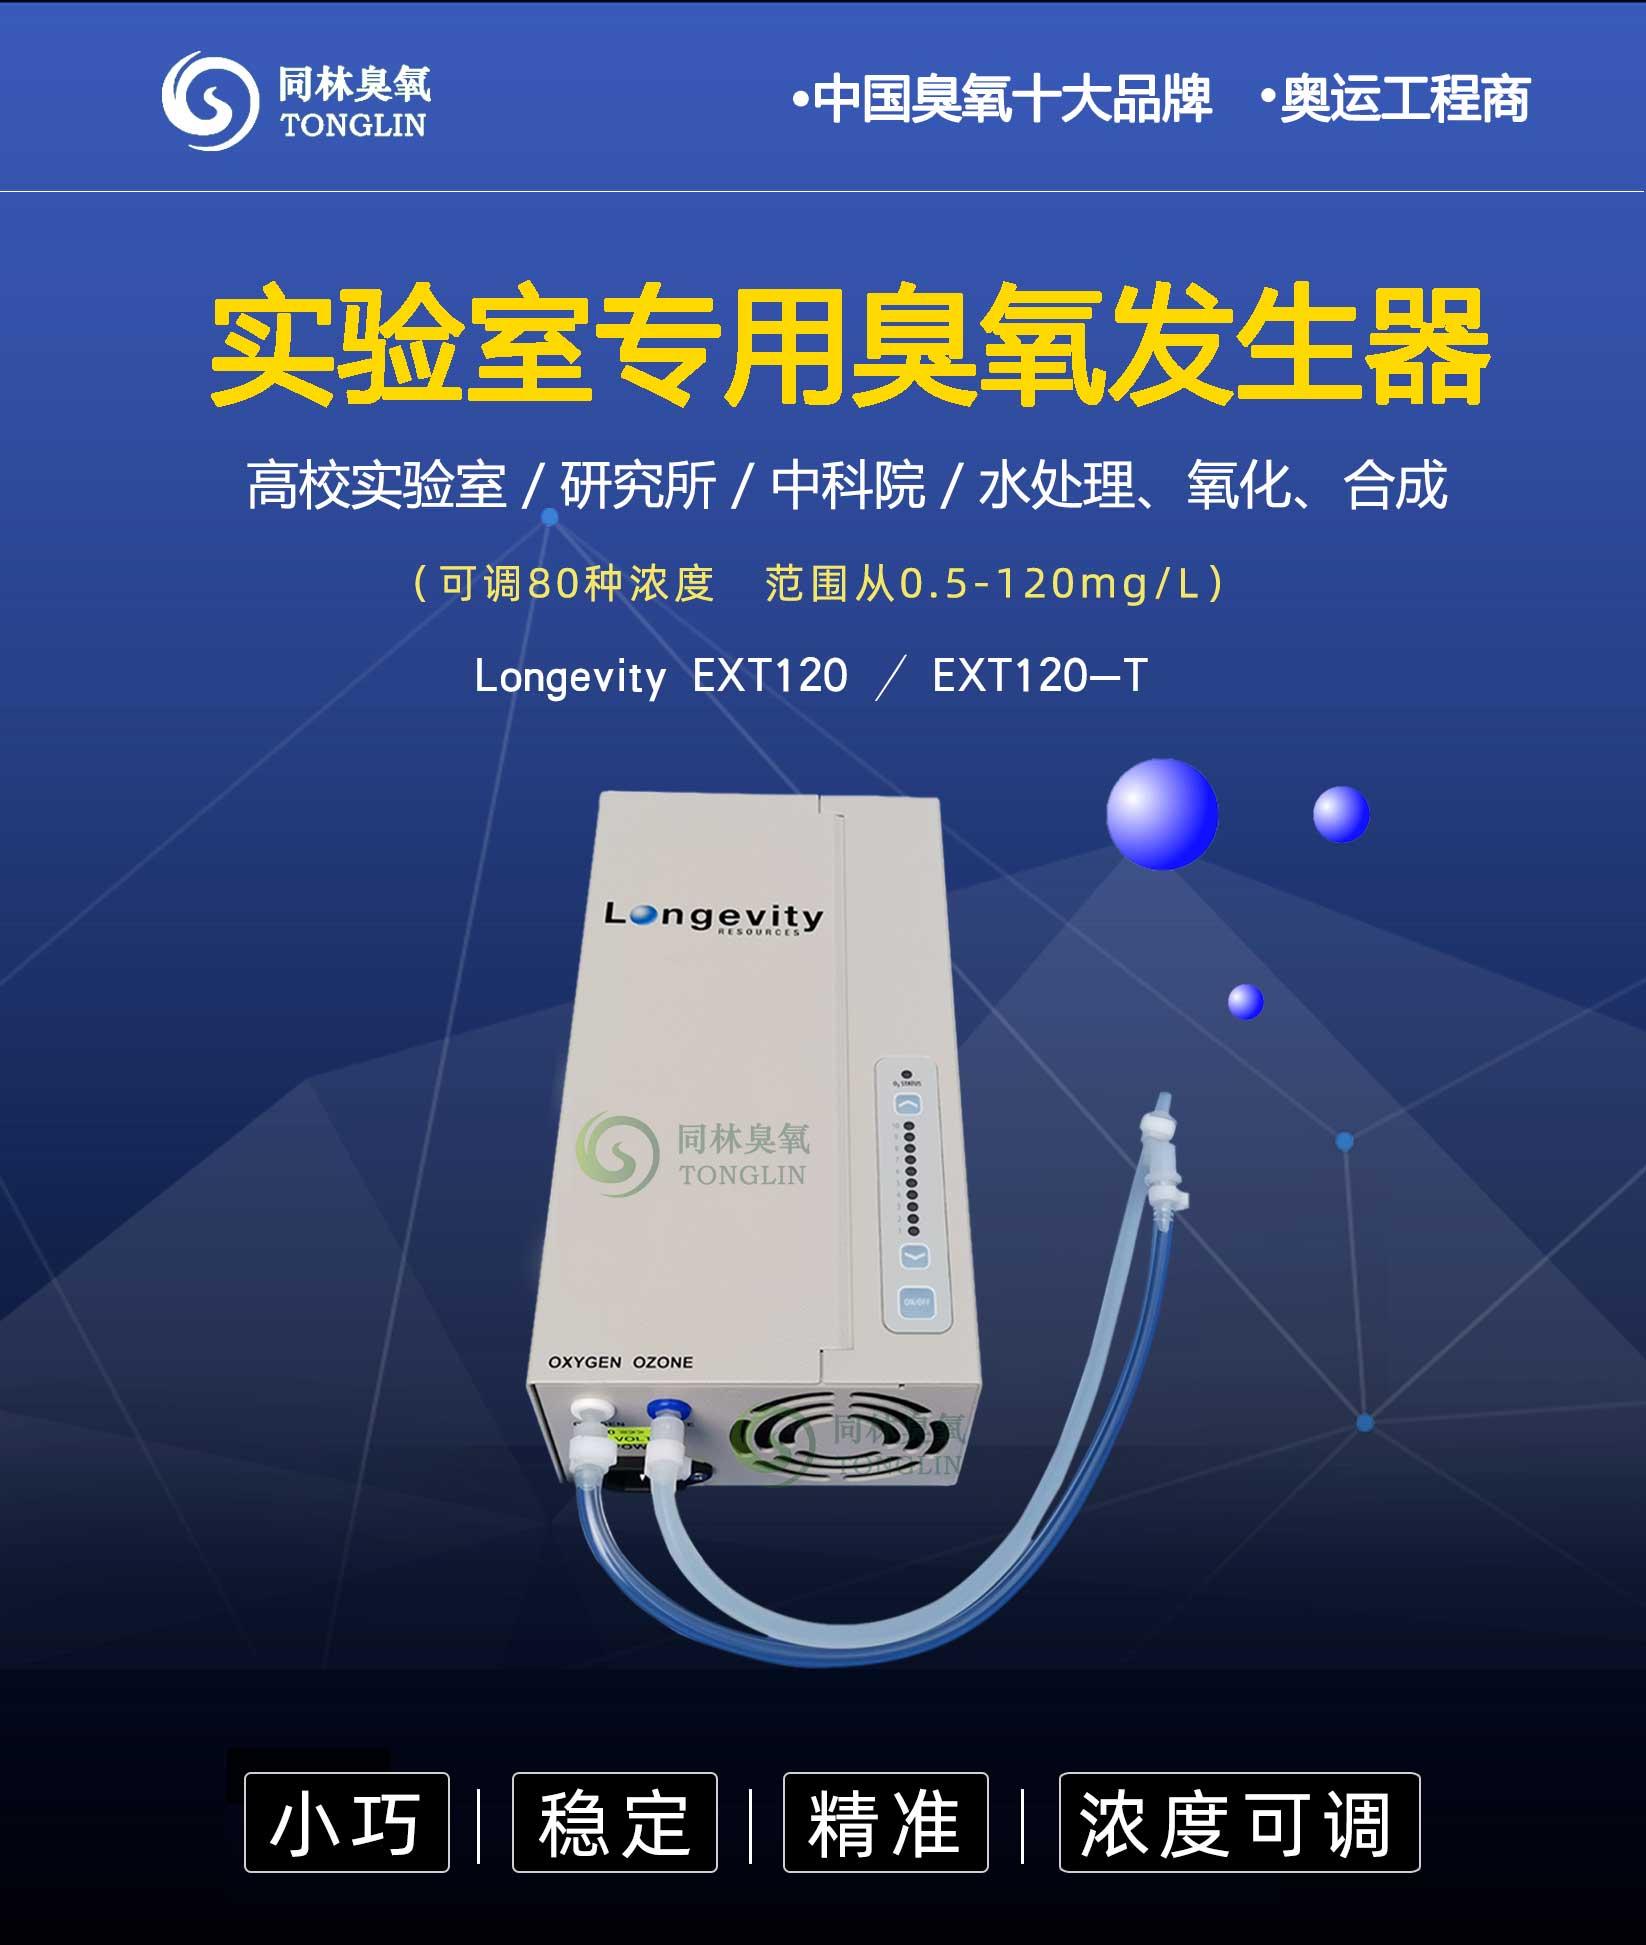 加拿大Longevity EXT120高精度臭氧发生器(10档浓度可调)